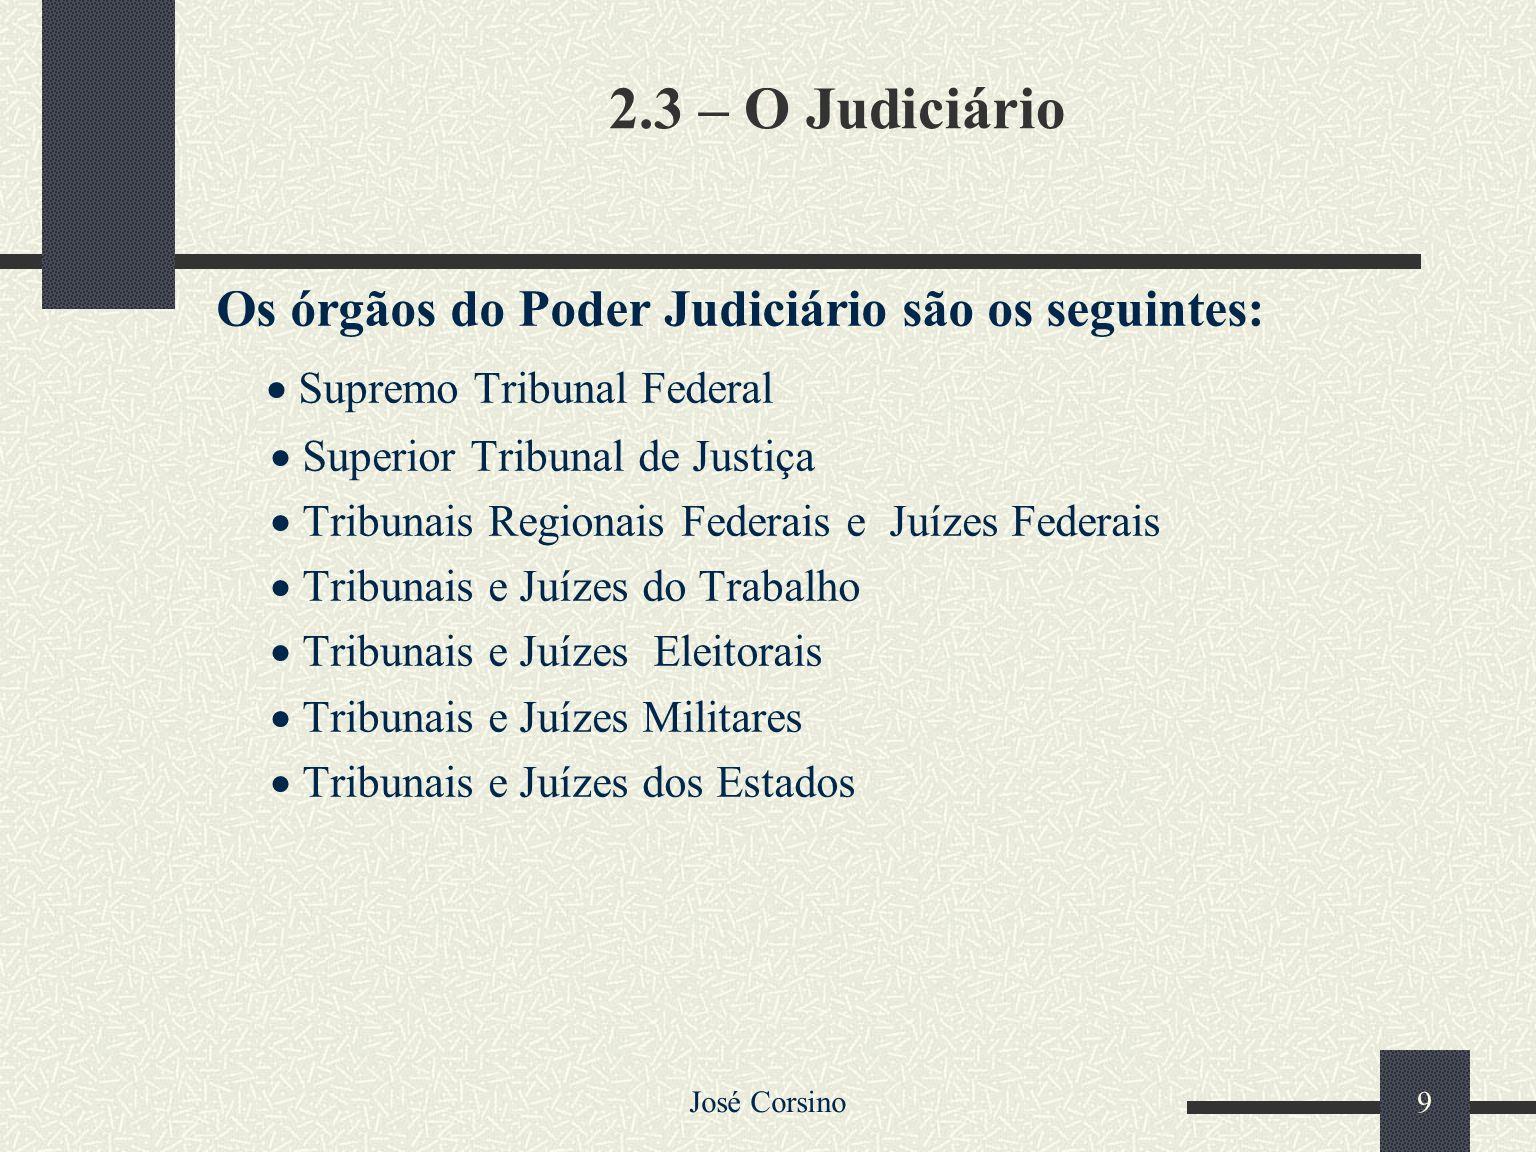 Os órgãos do Poder Judiciário são os seguintes: